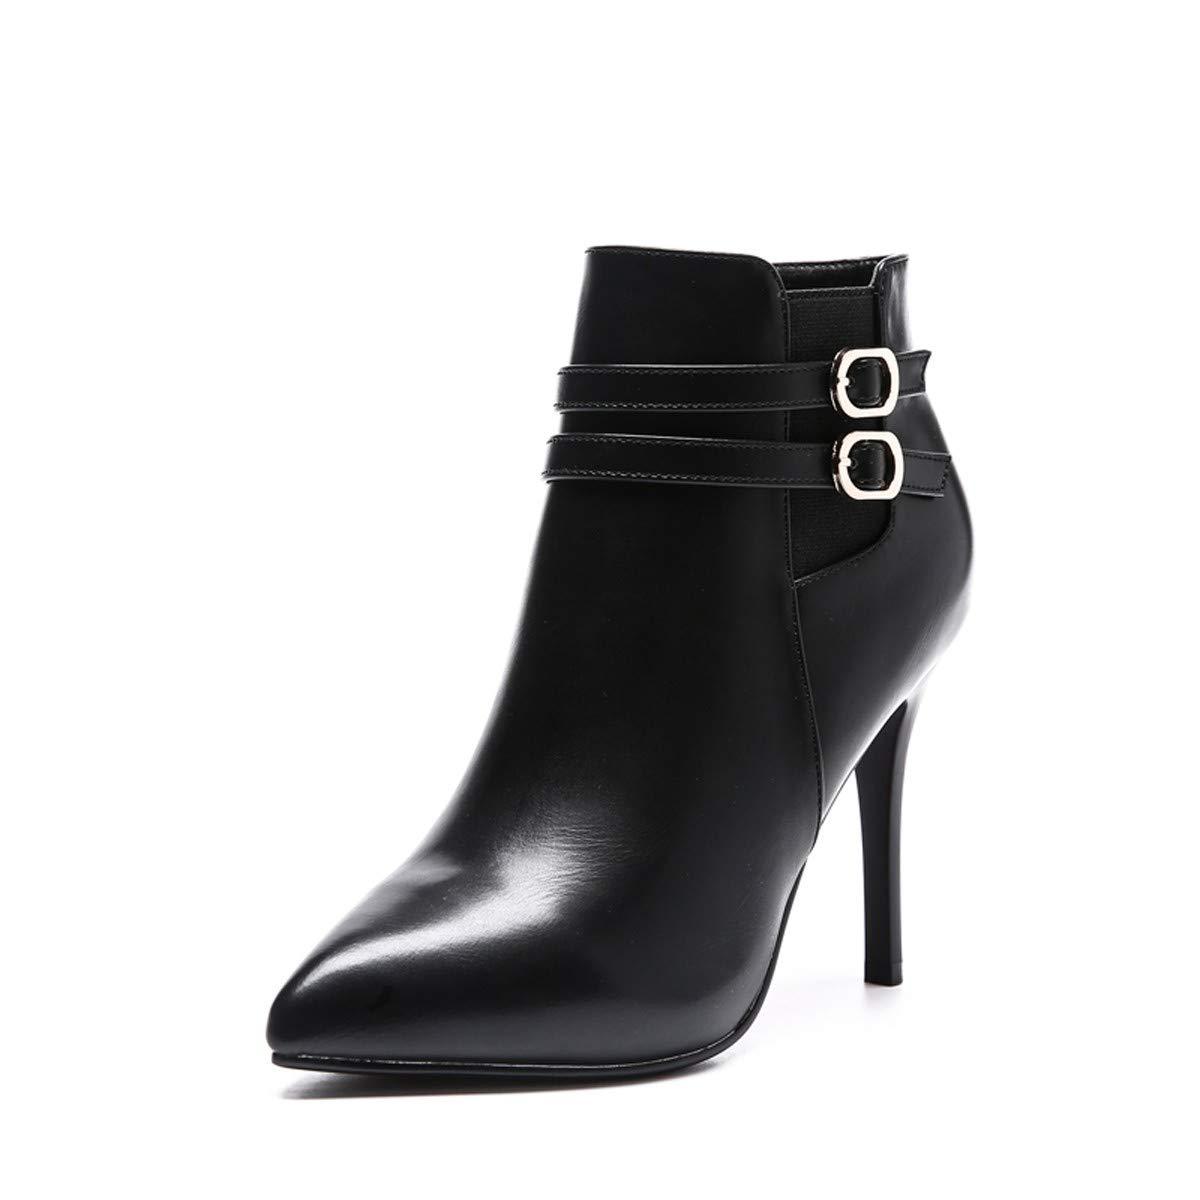 LBTSQ-Gürtelschnallen Stiefel Martin Stiefel 10Cm High Heels Wasserdicht Nackt Stiefel Einzelne Schuhe Stiefel Gestopft Baumwolle Sexy